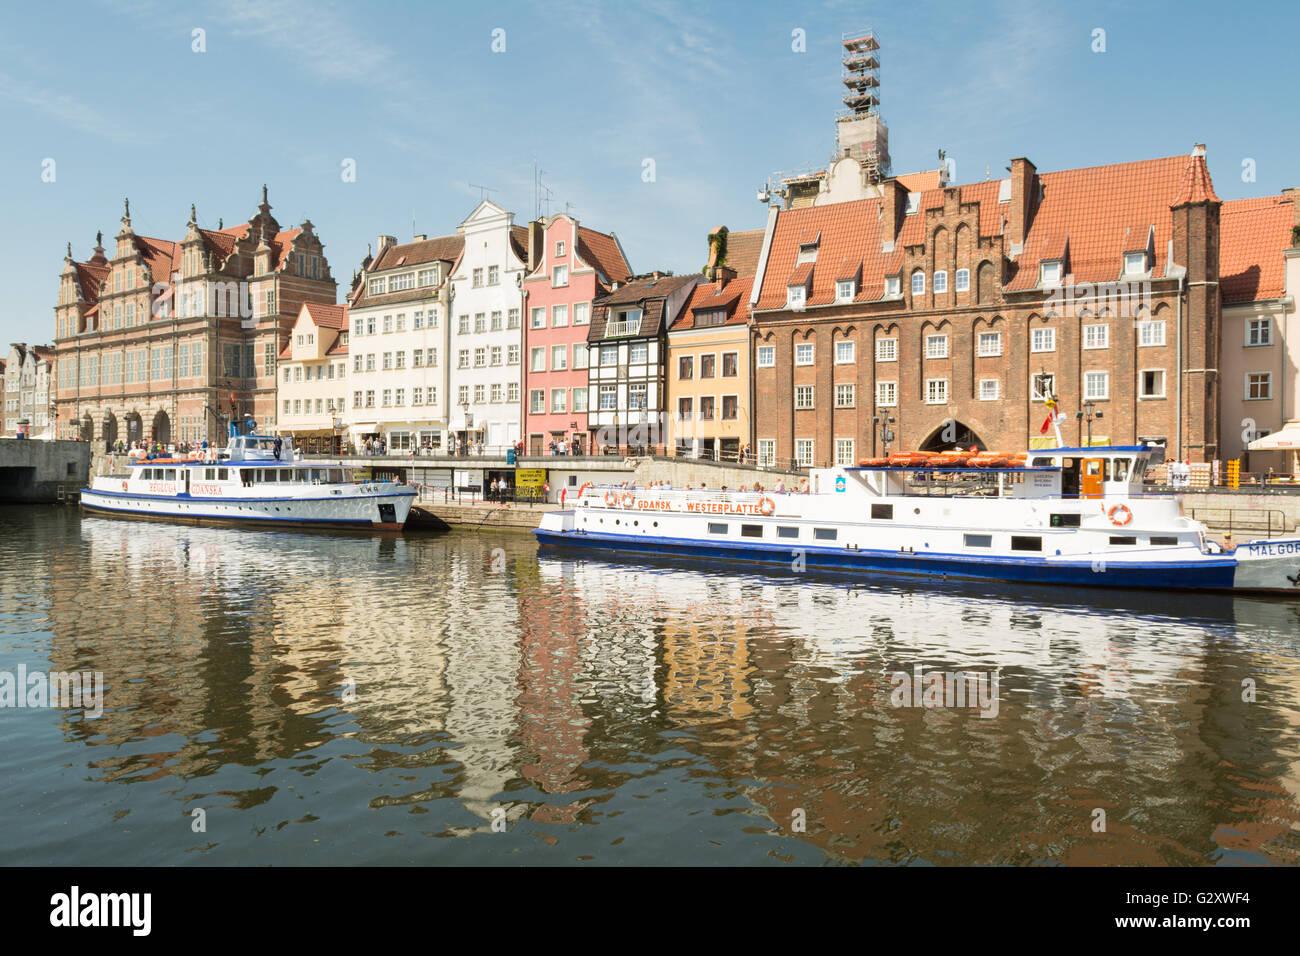 Danzig, Polen: Blick auf lange Brücke Promenade, Fluss Mottlau und touristische Boote Stockbild